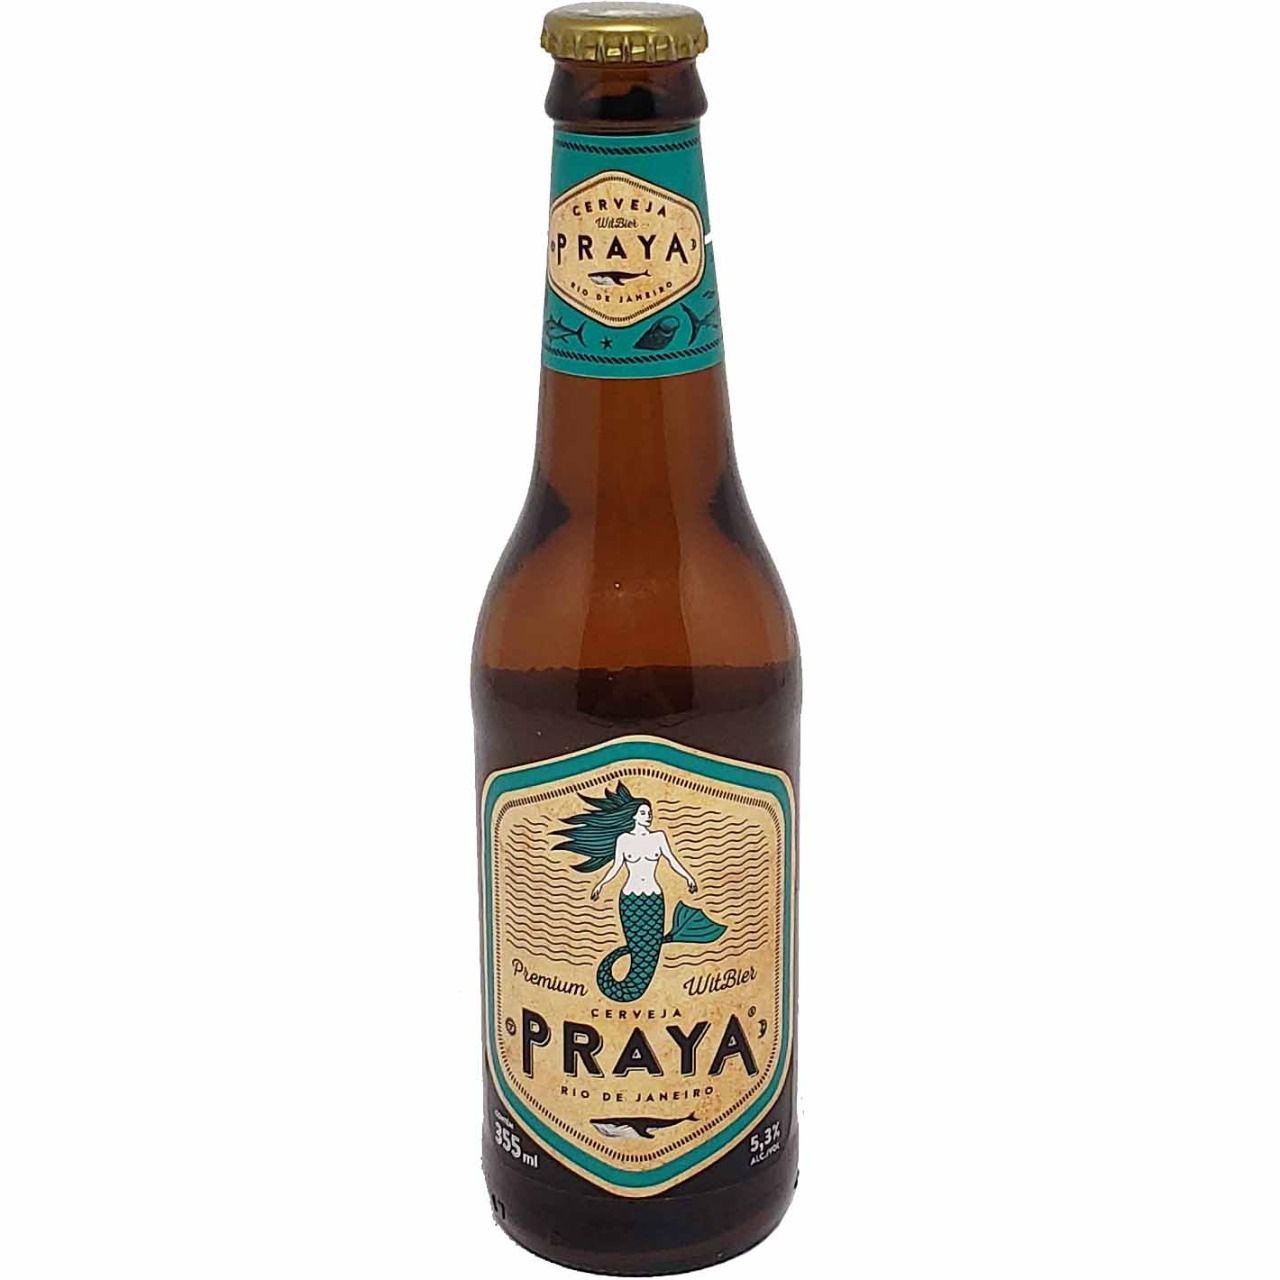 Cerveja Praya Premium Witbier Rio de Janeiro - 355ml -